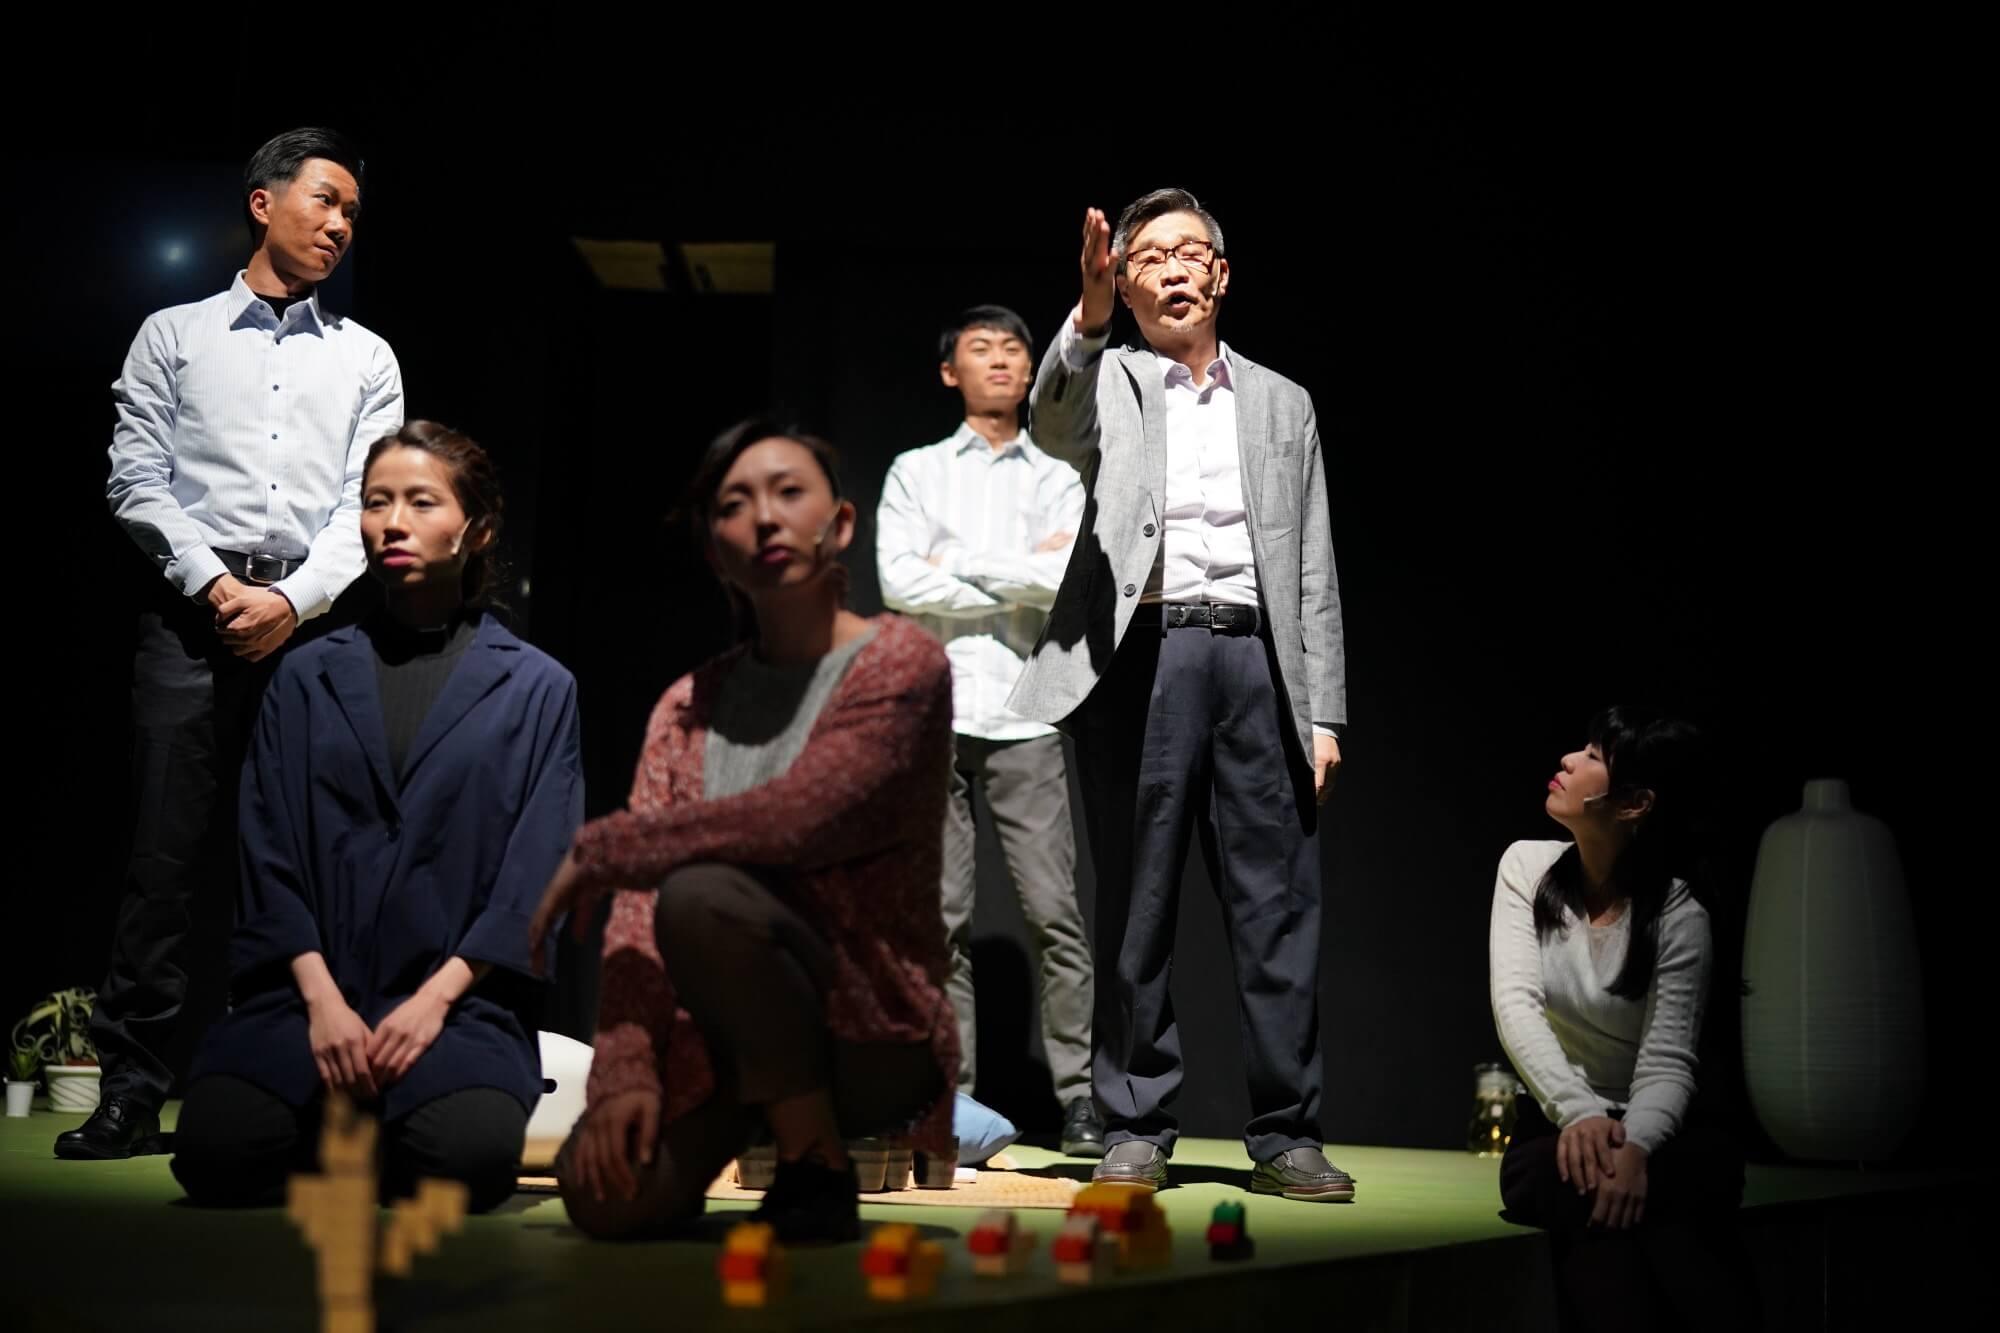 「一條褲製作」製作《香港藝術的前世今生》,探討西九文化區的發展。